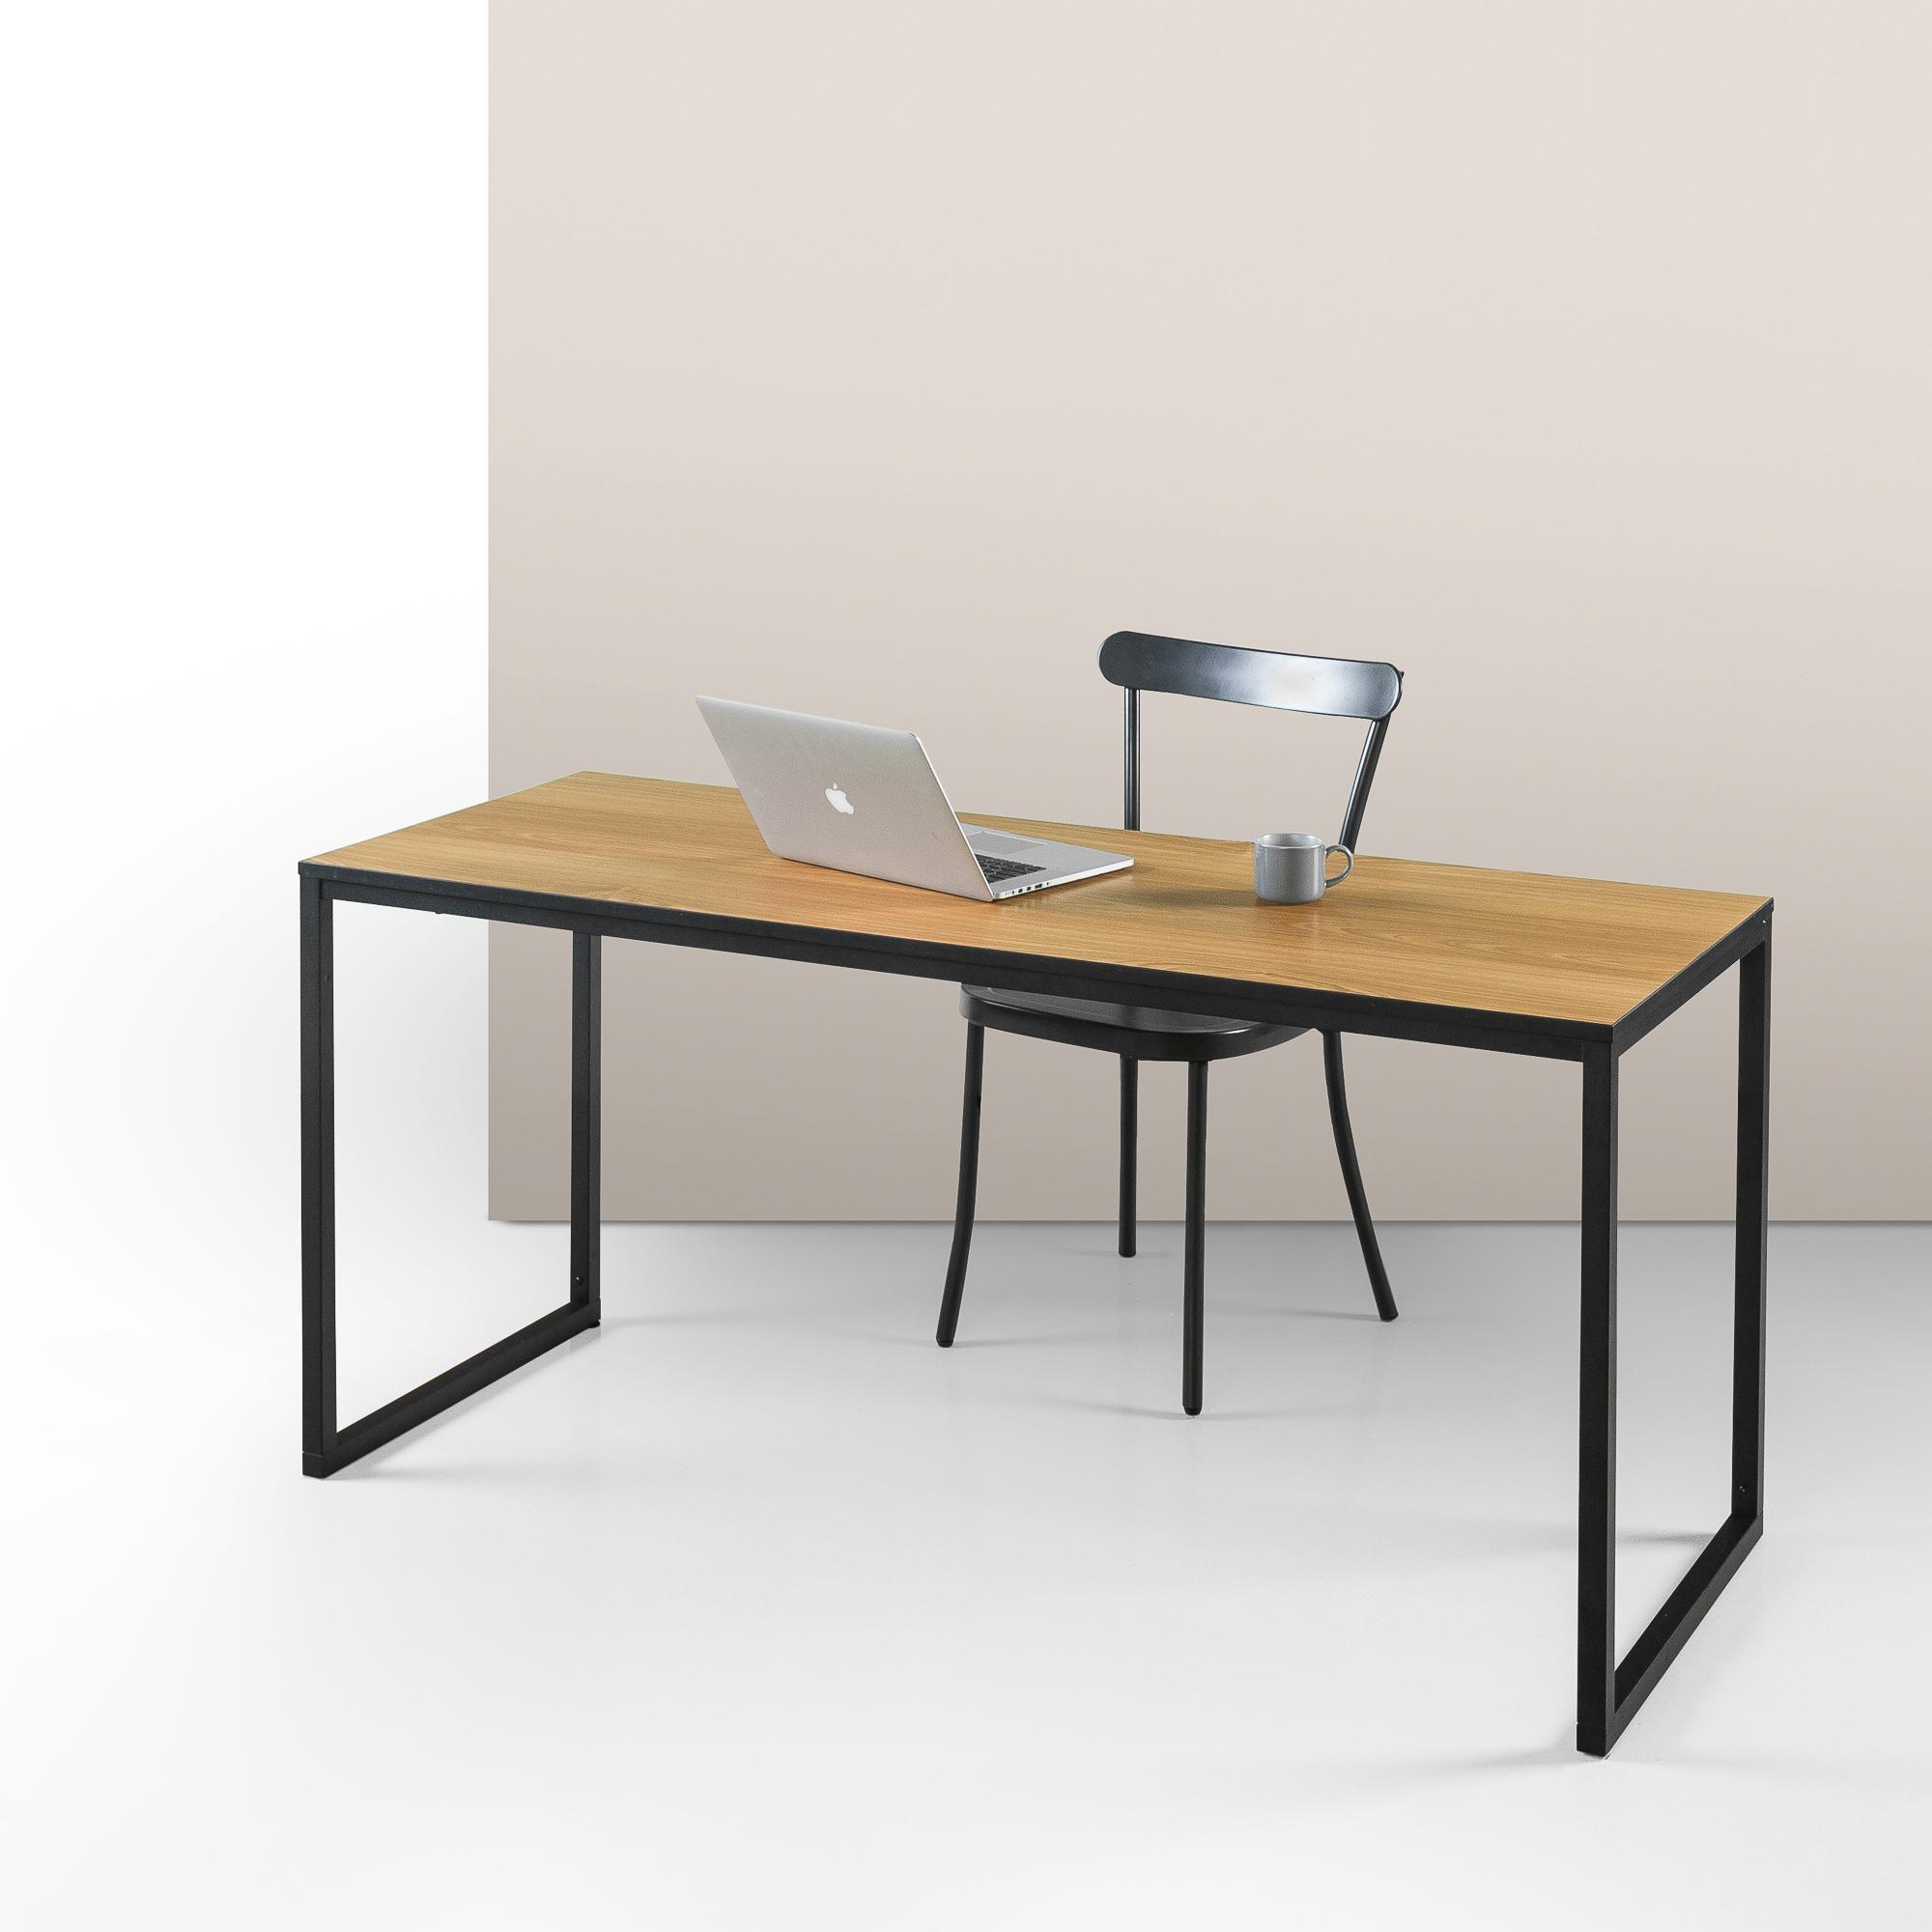 NEW-Harper-Wood-amp-Steel-Desk-Studio-Home-Desks thumbnail 8